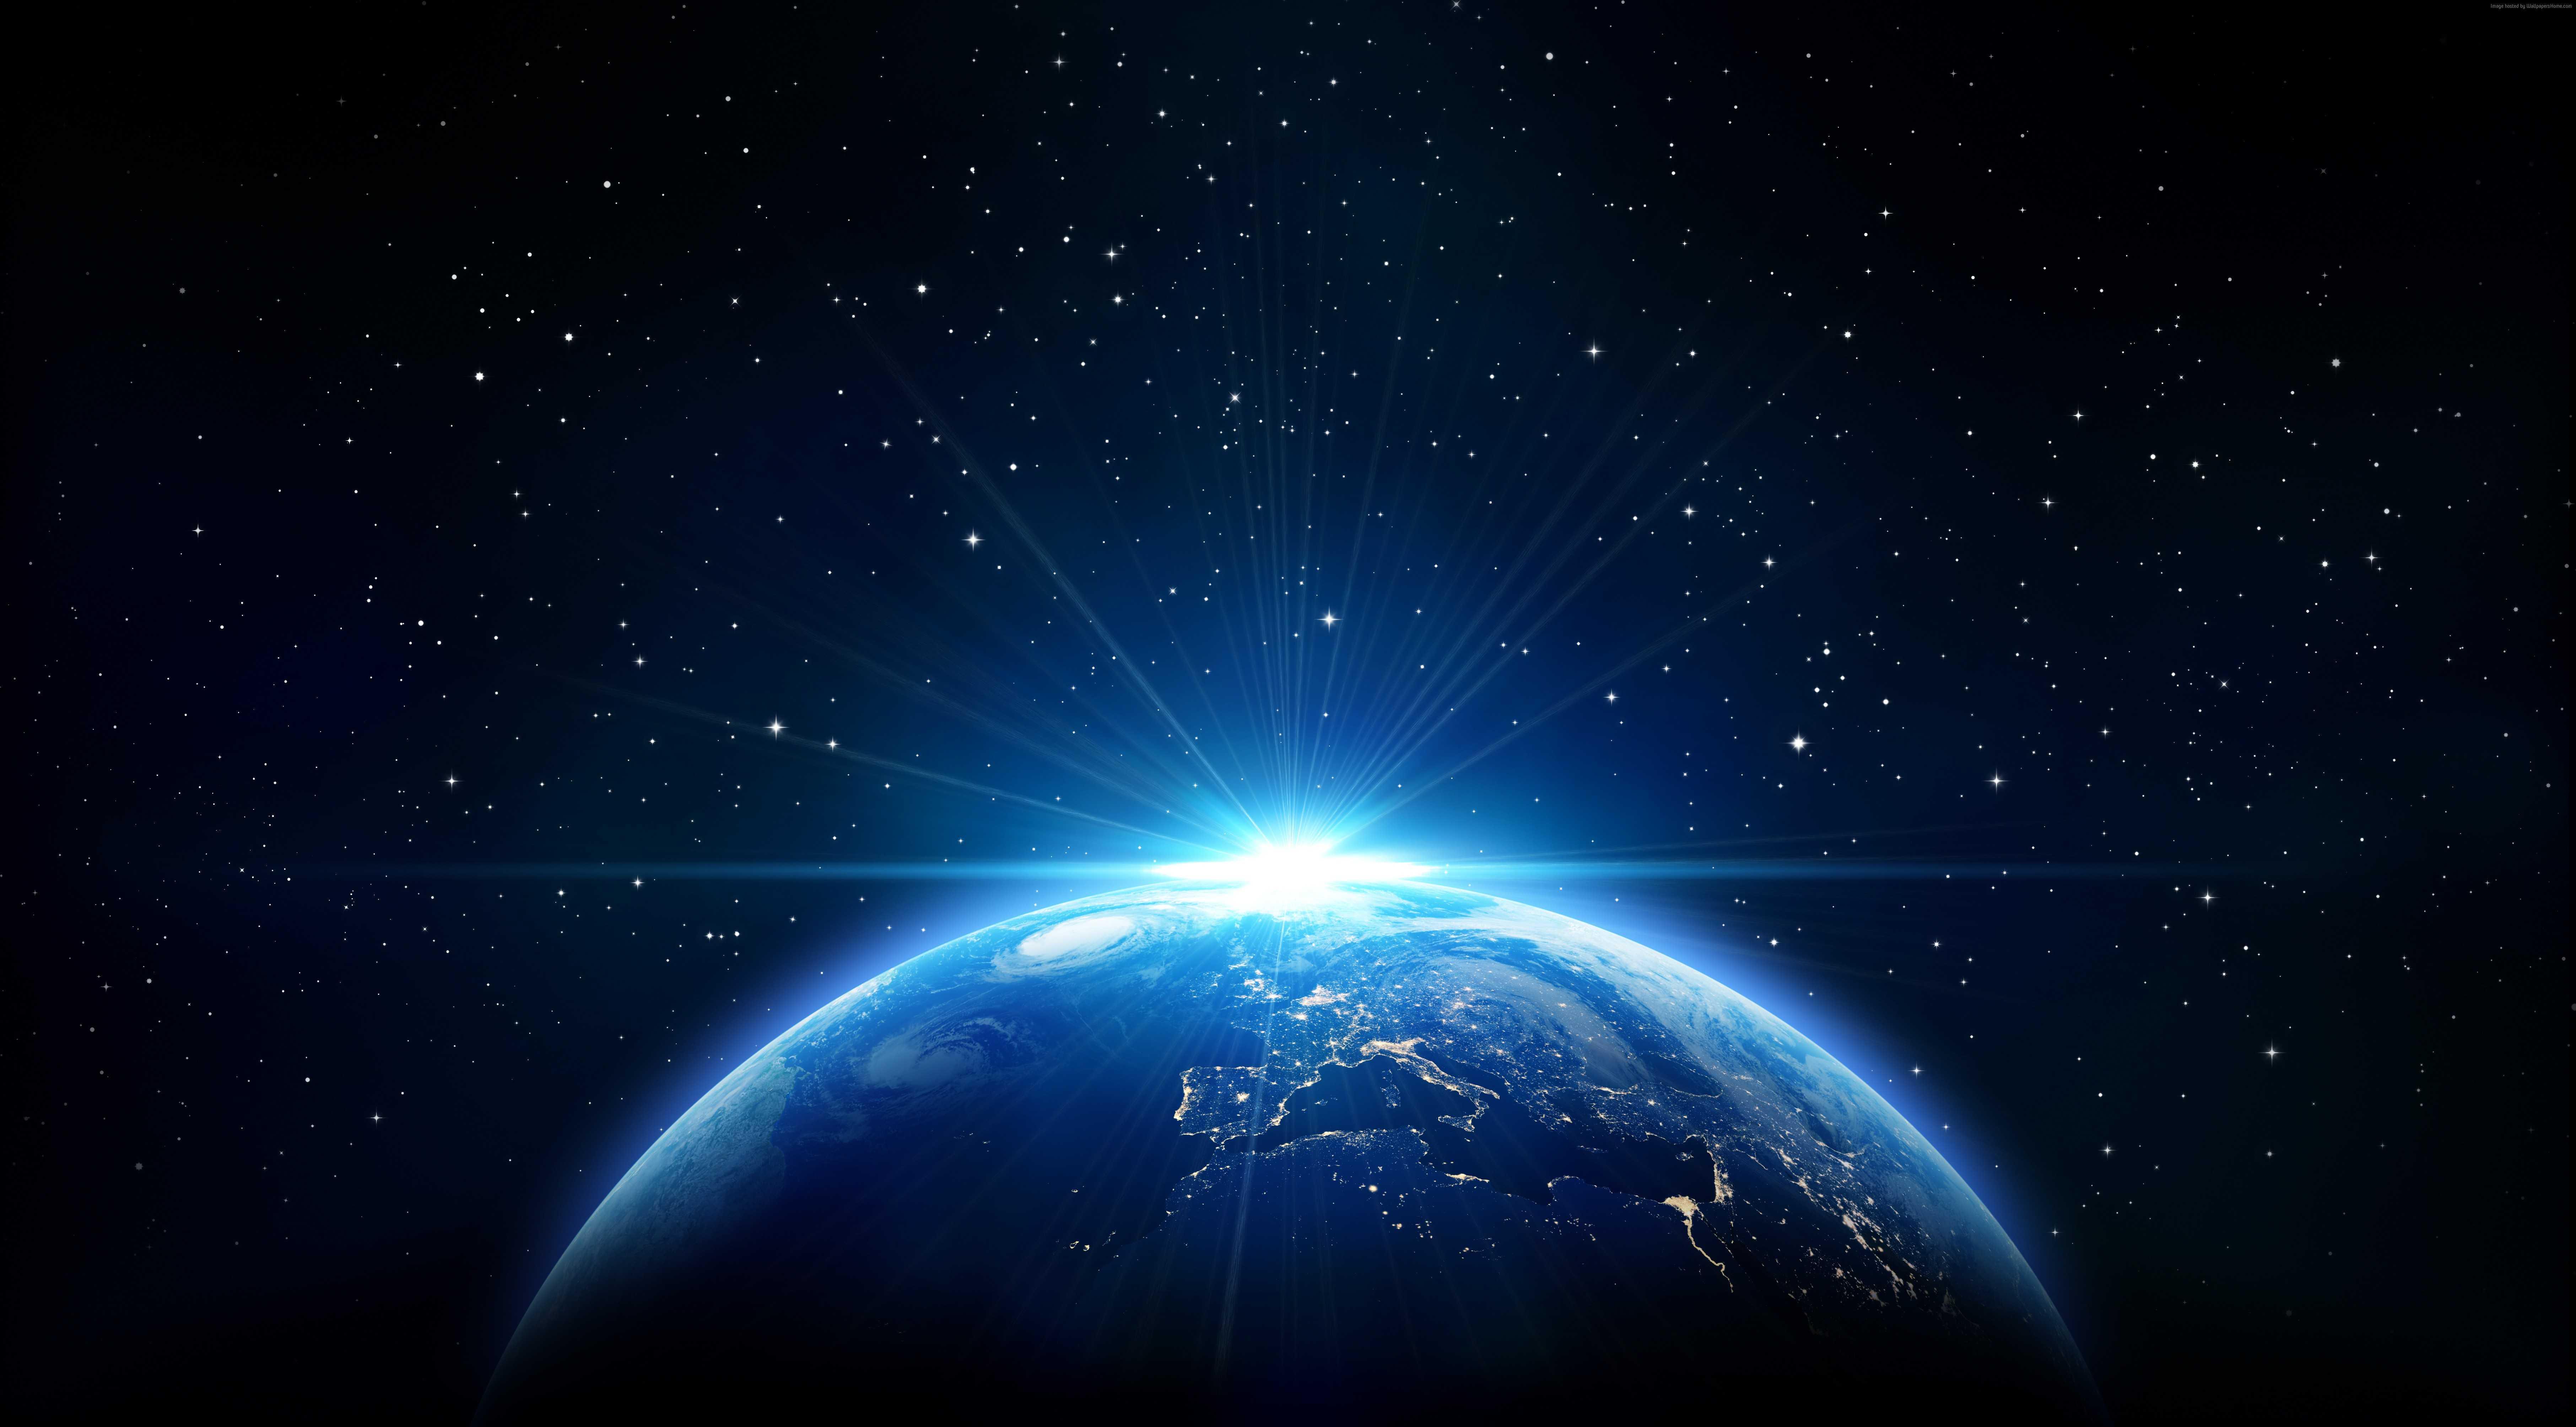 Fondos de pantalla Planeta tierra con destello de luz